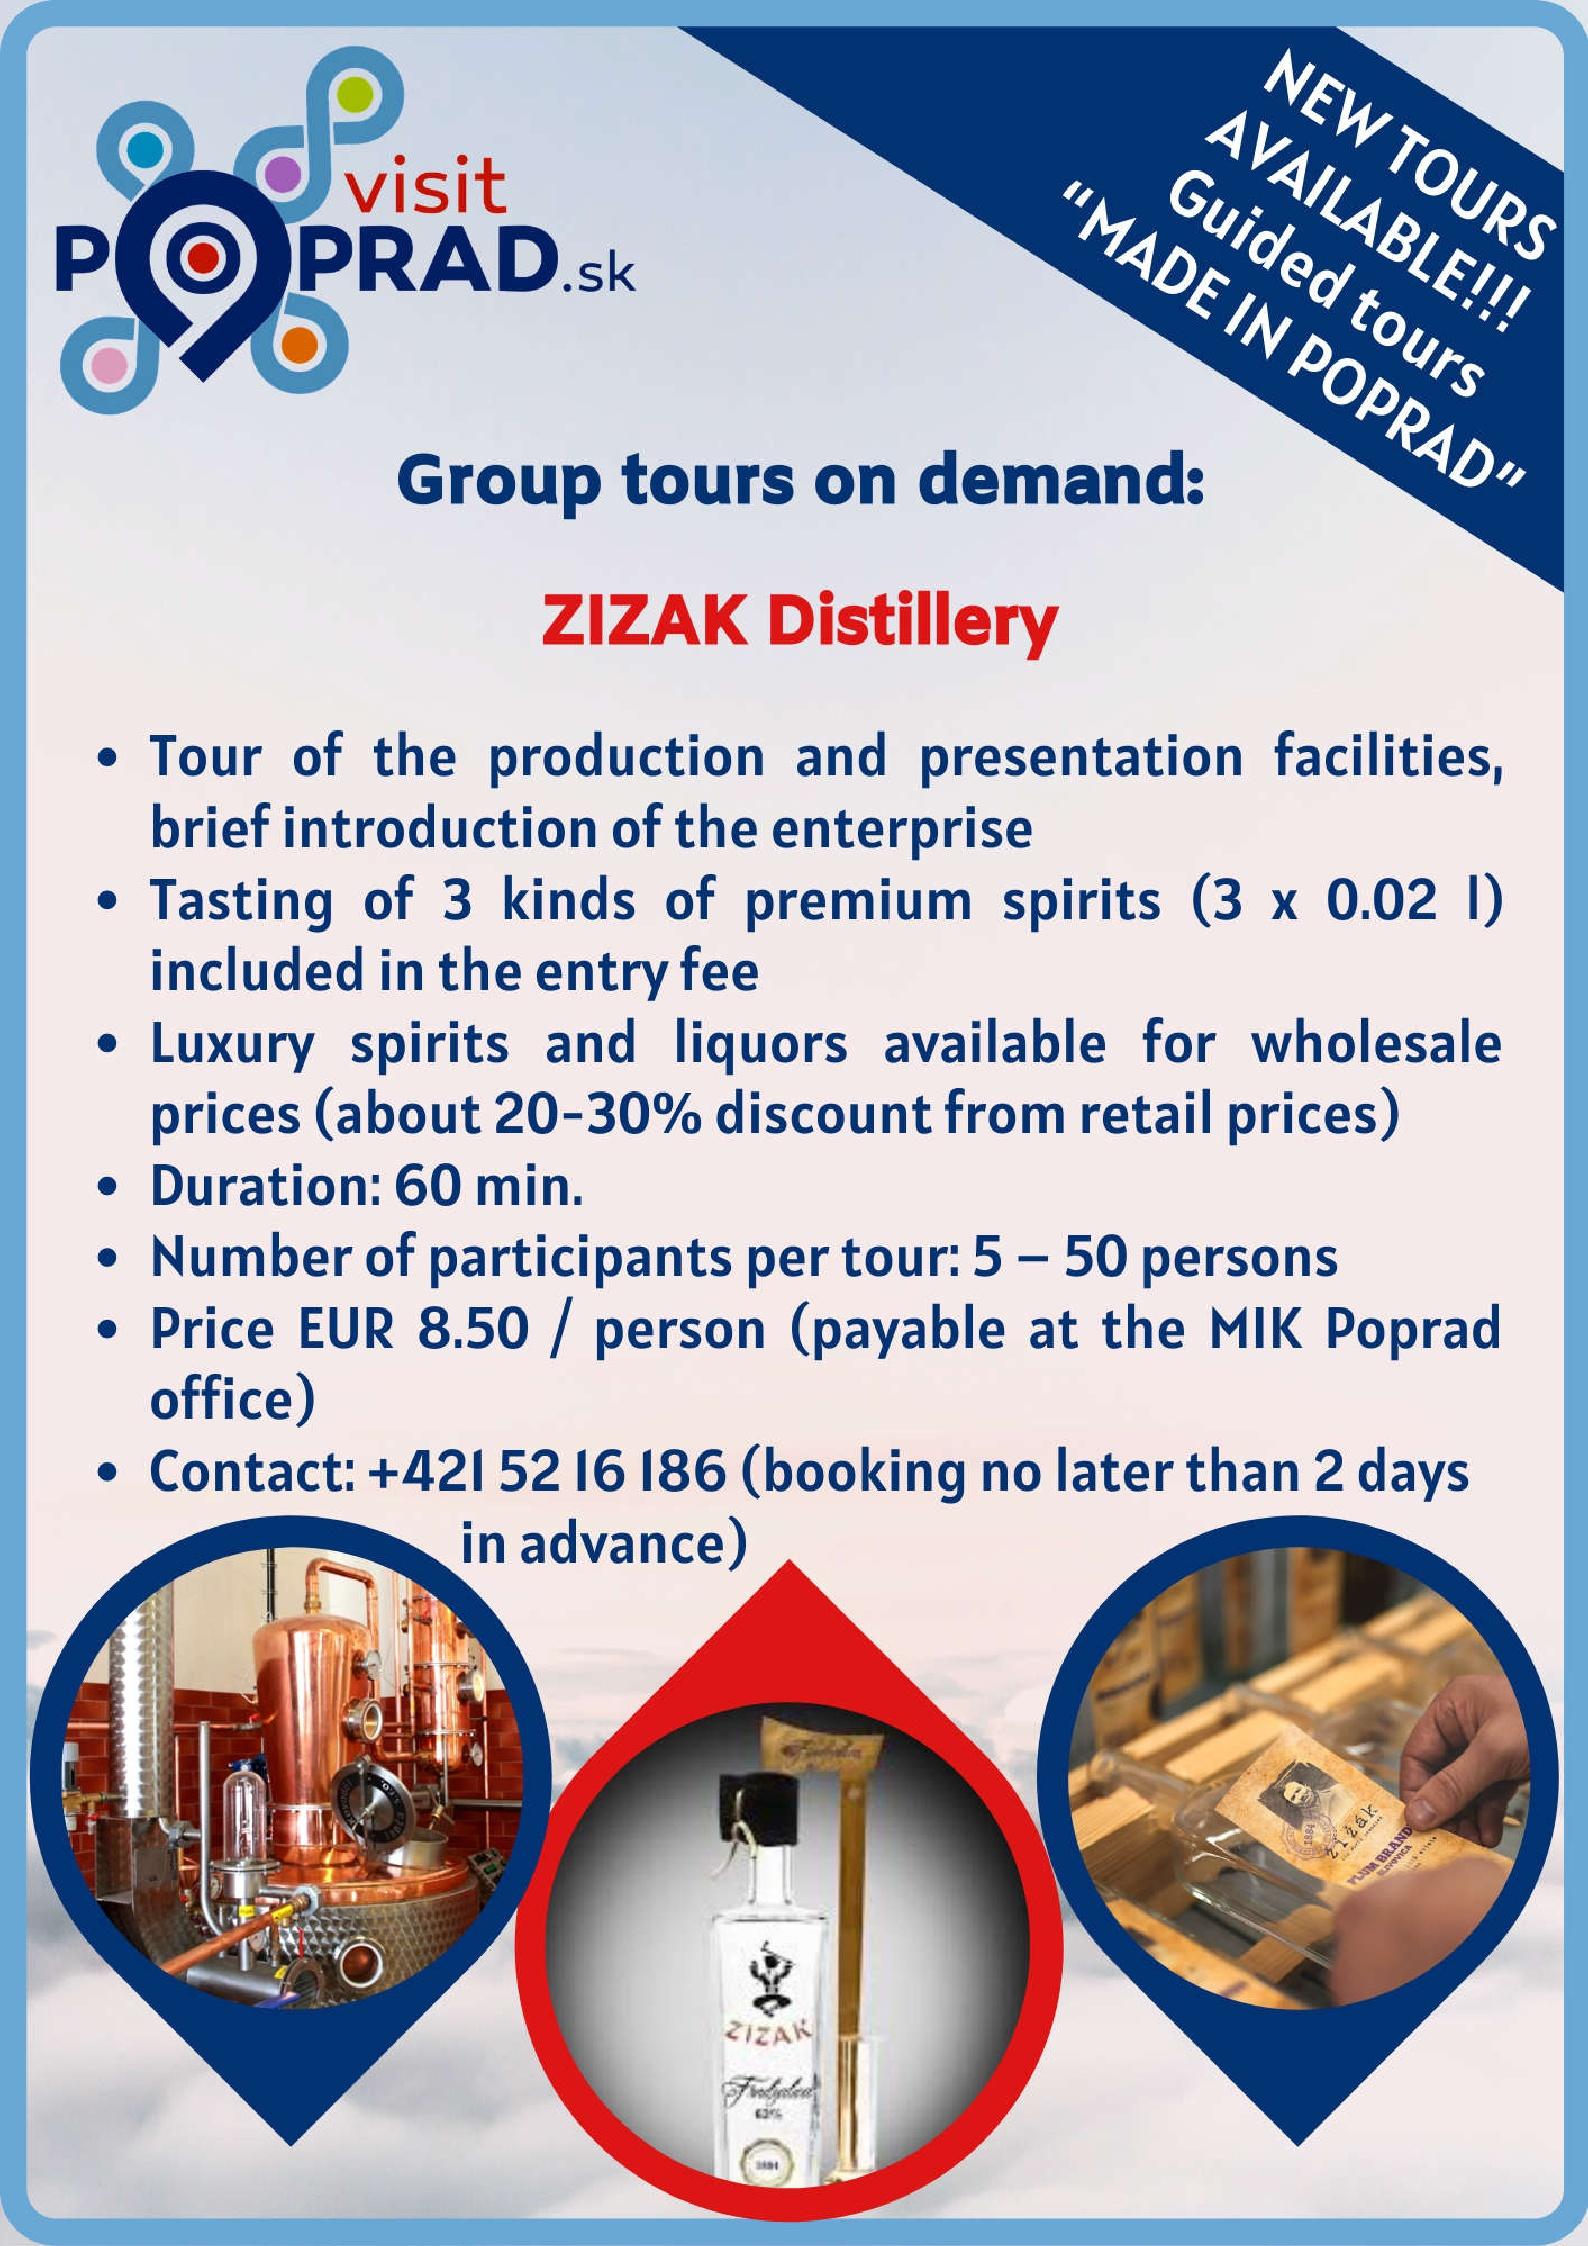 ZIZAK Distillery (Duration: 1 hour), Price: 8.50 €